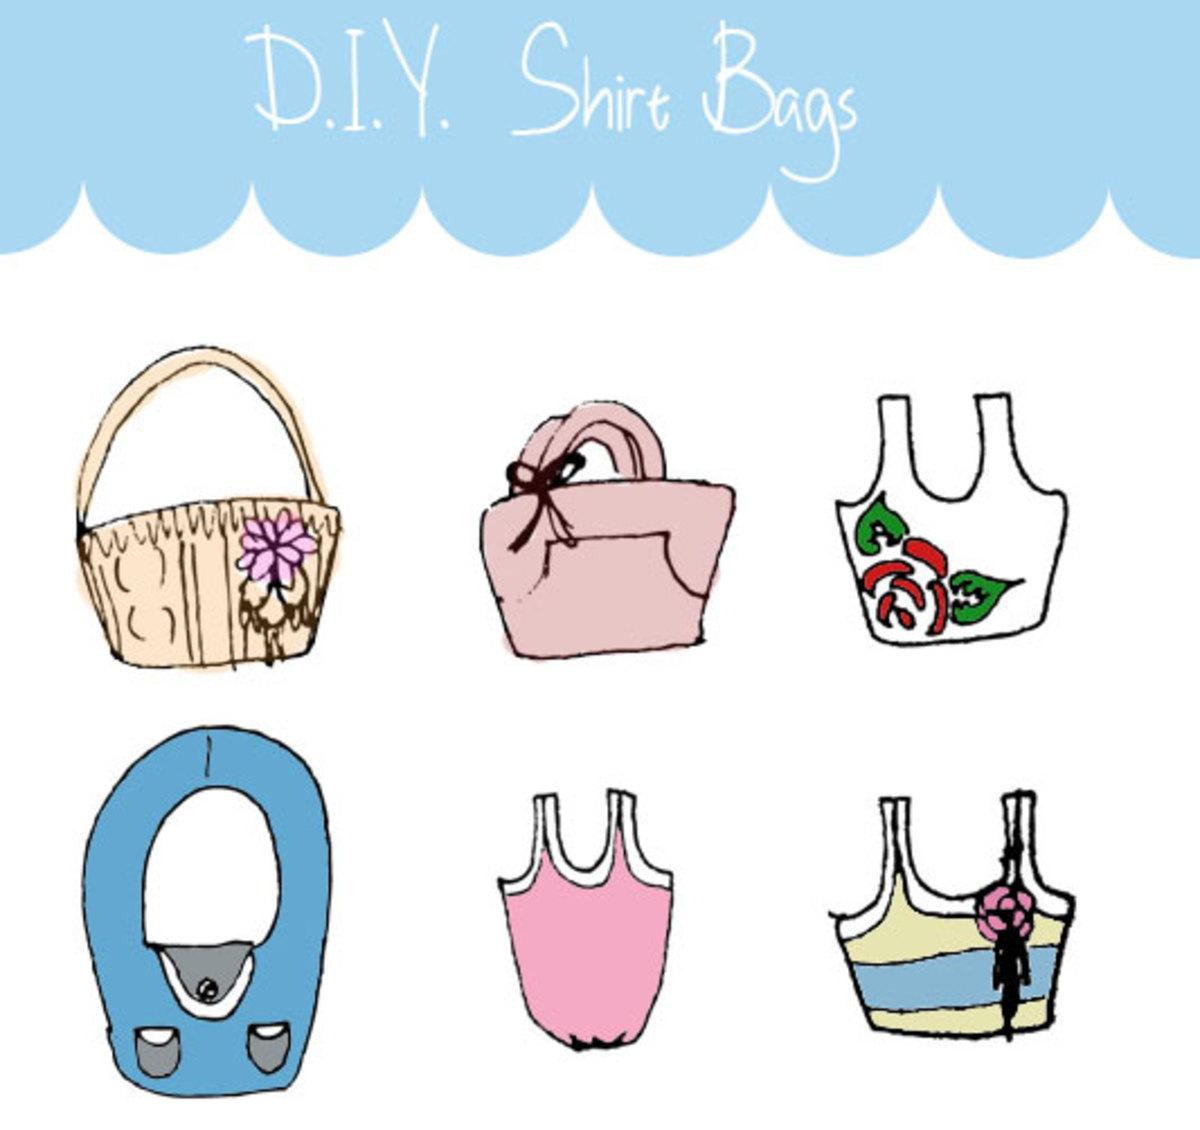 DIY Shirt Bags